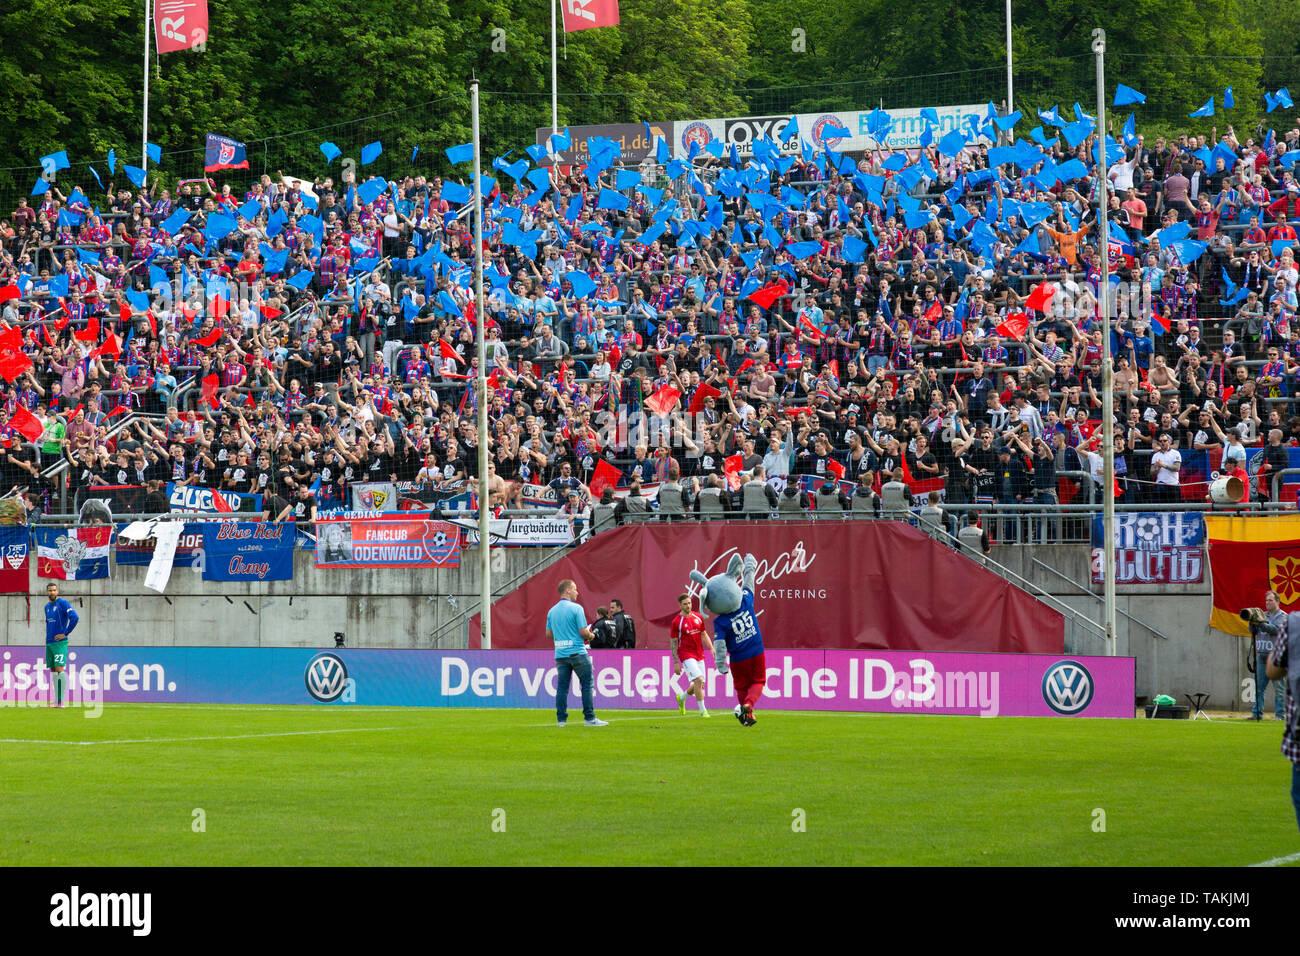 Sport, Fussball, Reviersport Niederrheinpokal, 2018/2019, Finale, Wuppertaler SV vs. KFC Uerdingen 1-2, Stadion Am Zoo in Wuppertal, Zuschauer, Uerdinger Fussballfans, Gaesteblock, Choreografie, Fahnen blau und rot, sports, football, Lower Rhine Cup, 2018/2019, final, Wuppertaler SV vs. KFC Uerdingen 1-2, Stadium Am Zoo in Wuppertal, Uerdingen football fans, visitors, choreography, flags in blue and red *** Local Caption *** sports, football, Lower Rhine Cup, 2018/2019, final, Wuppertaler SV vs. KFC Uerdingen 1-2, Stadium Am Zoo in Wuppertal, Uerdingen football fans, visitors, choreography, fl - Stock Image